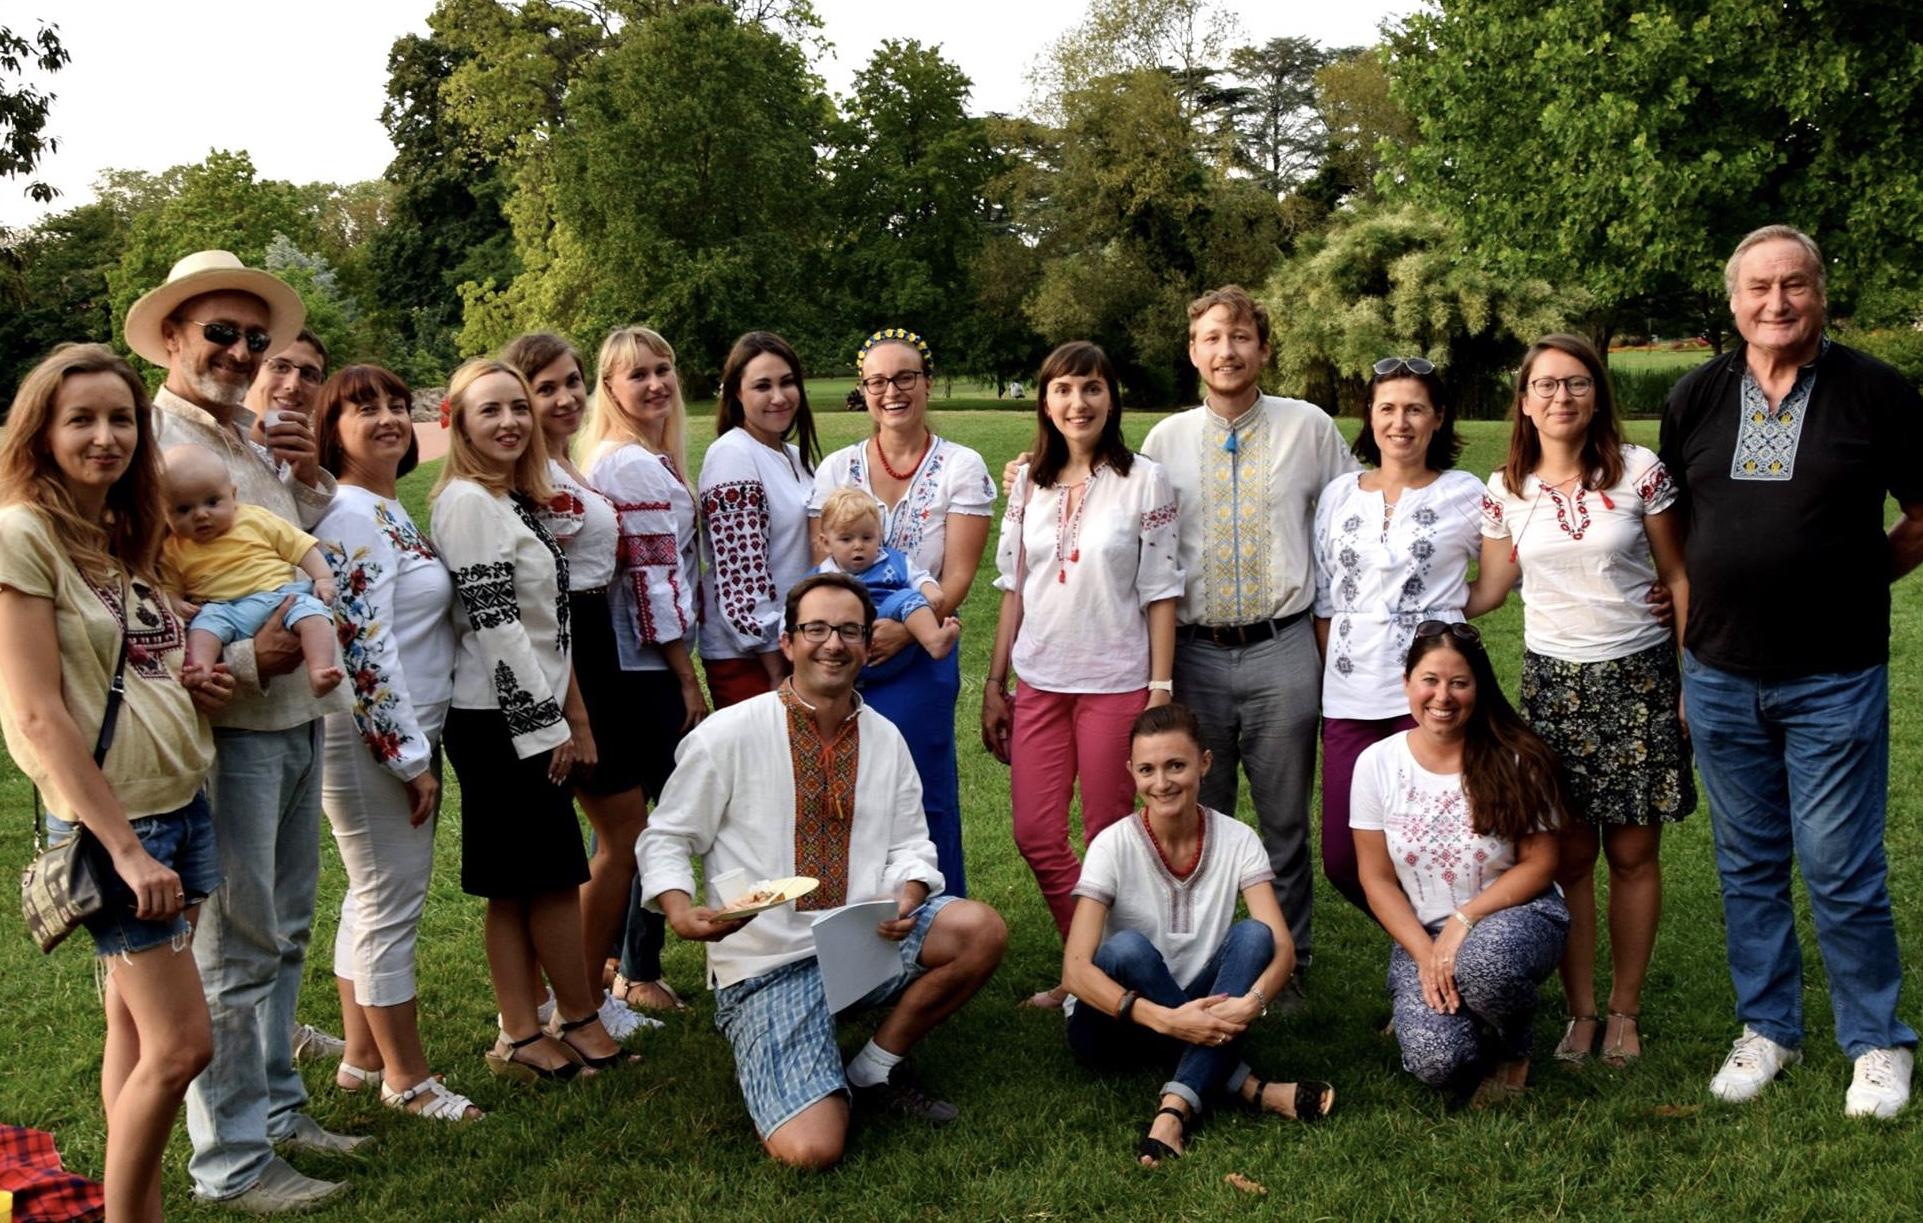 24/08, Parc de Gerland – Pique-nique à l'occasion du Jour de l'Indépendance de l'Ukraine